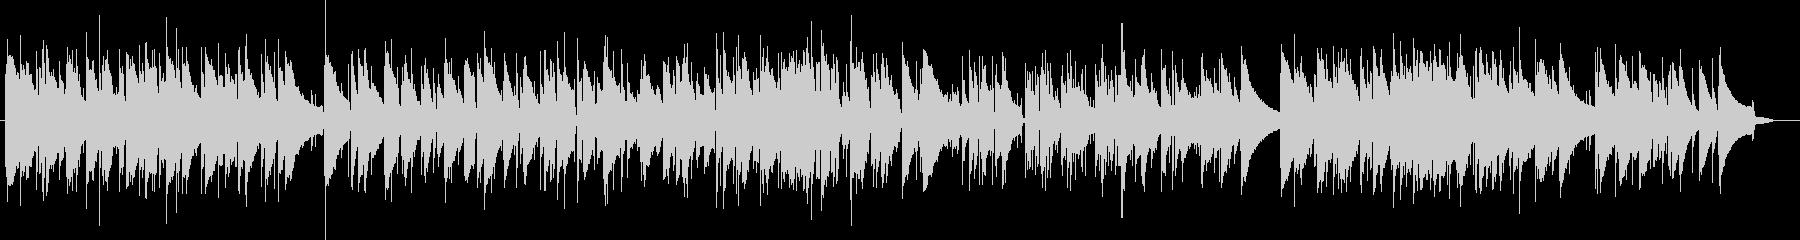 唱歌のジャズピアノの未再生の波形